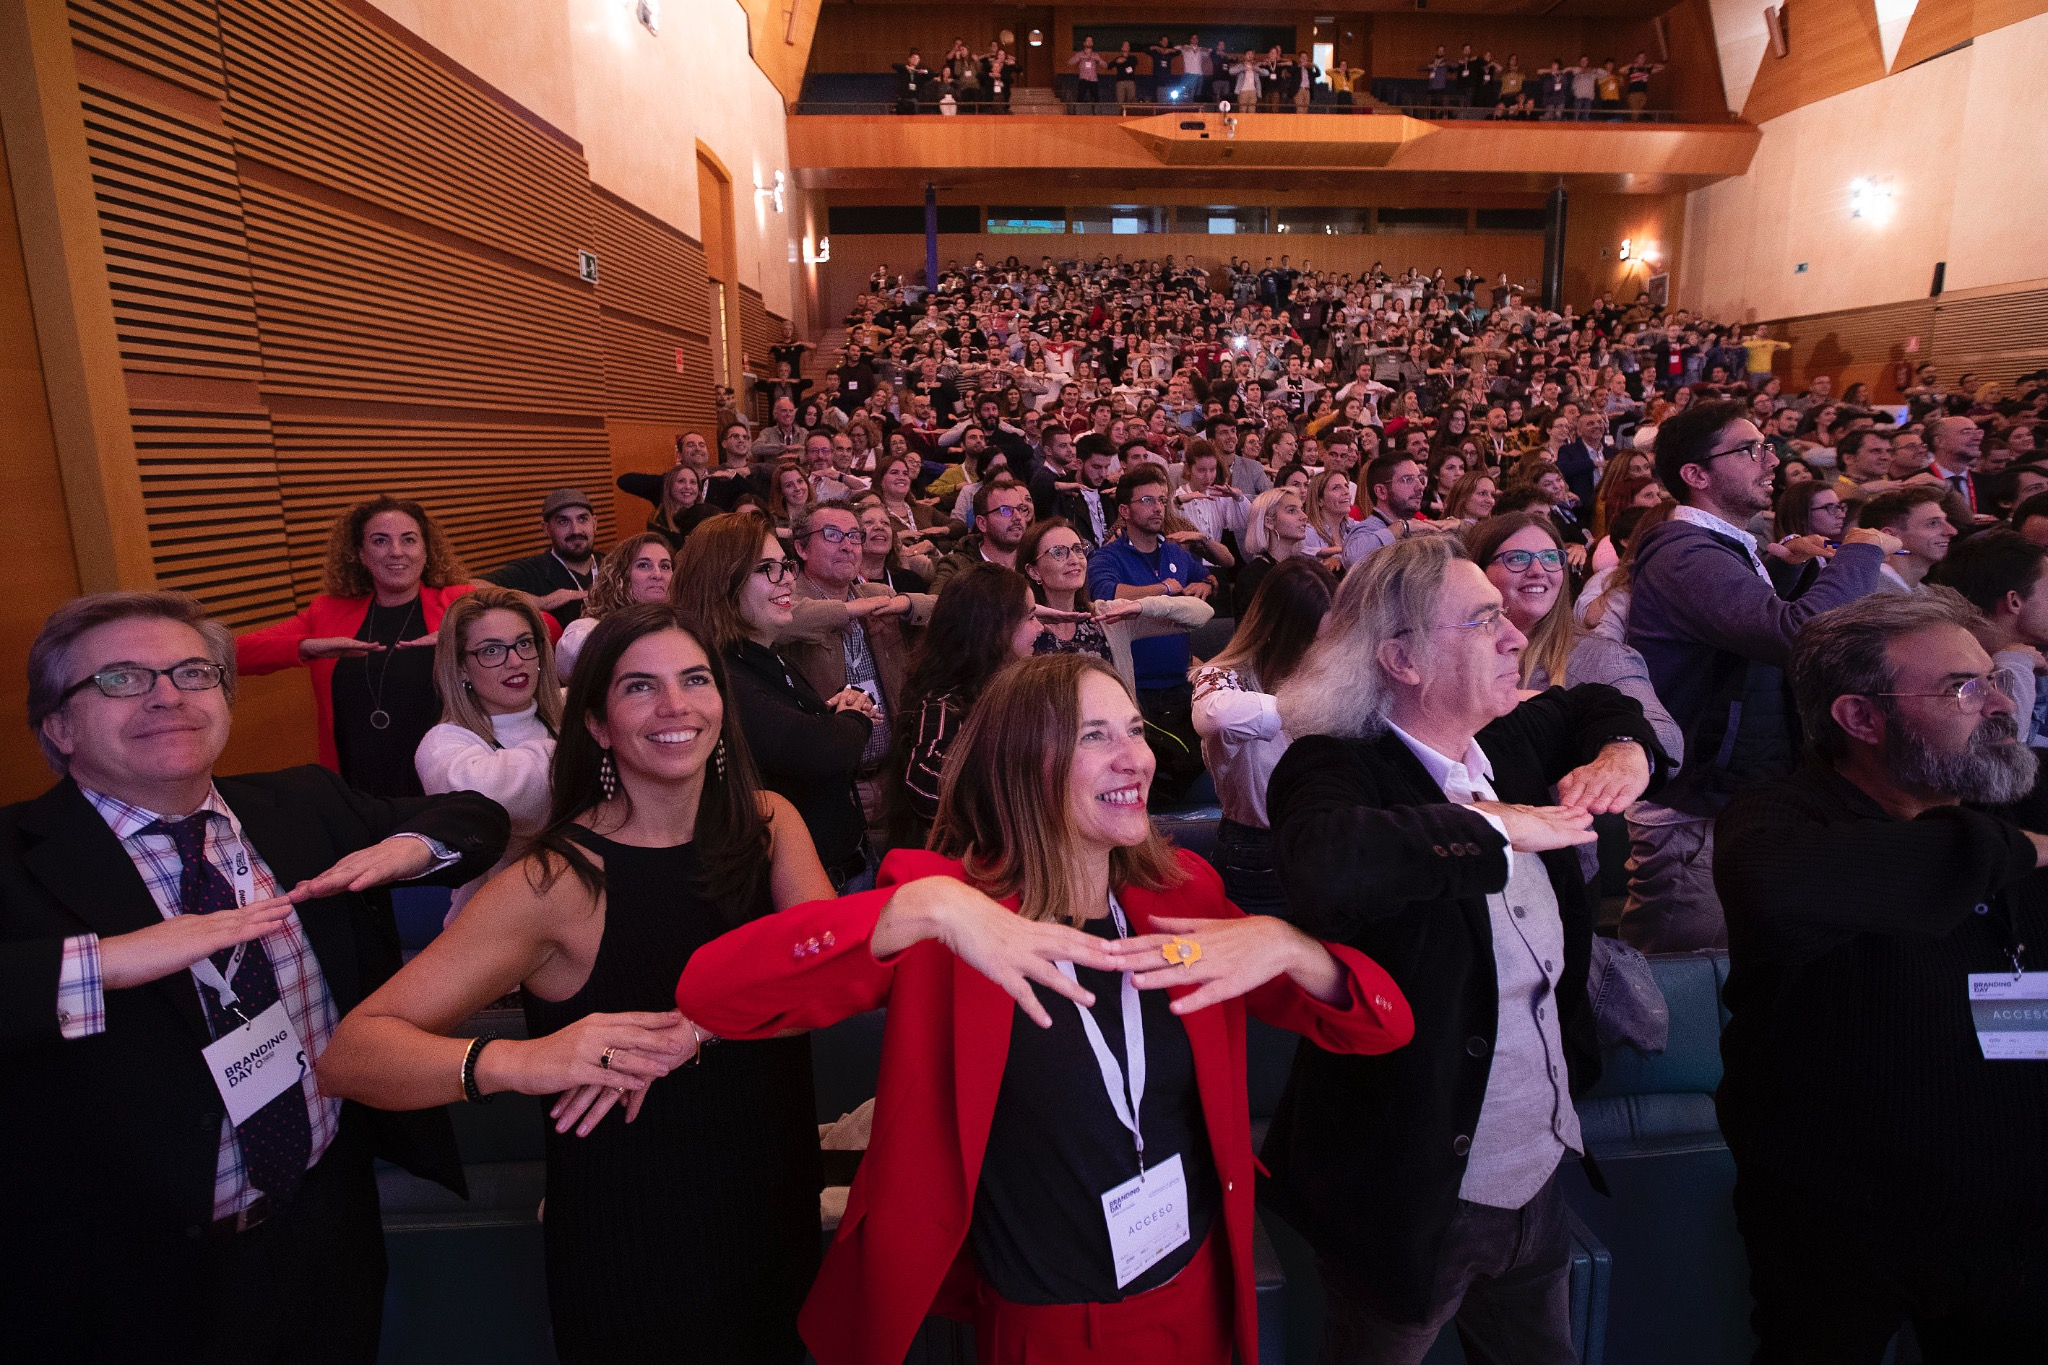 Conferencia de Fernando Salinero en Cádiz. Público.